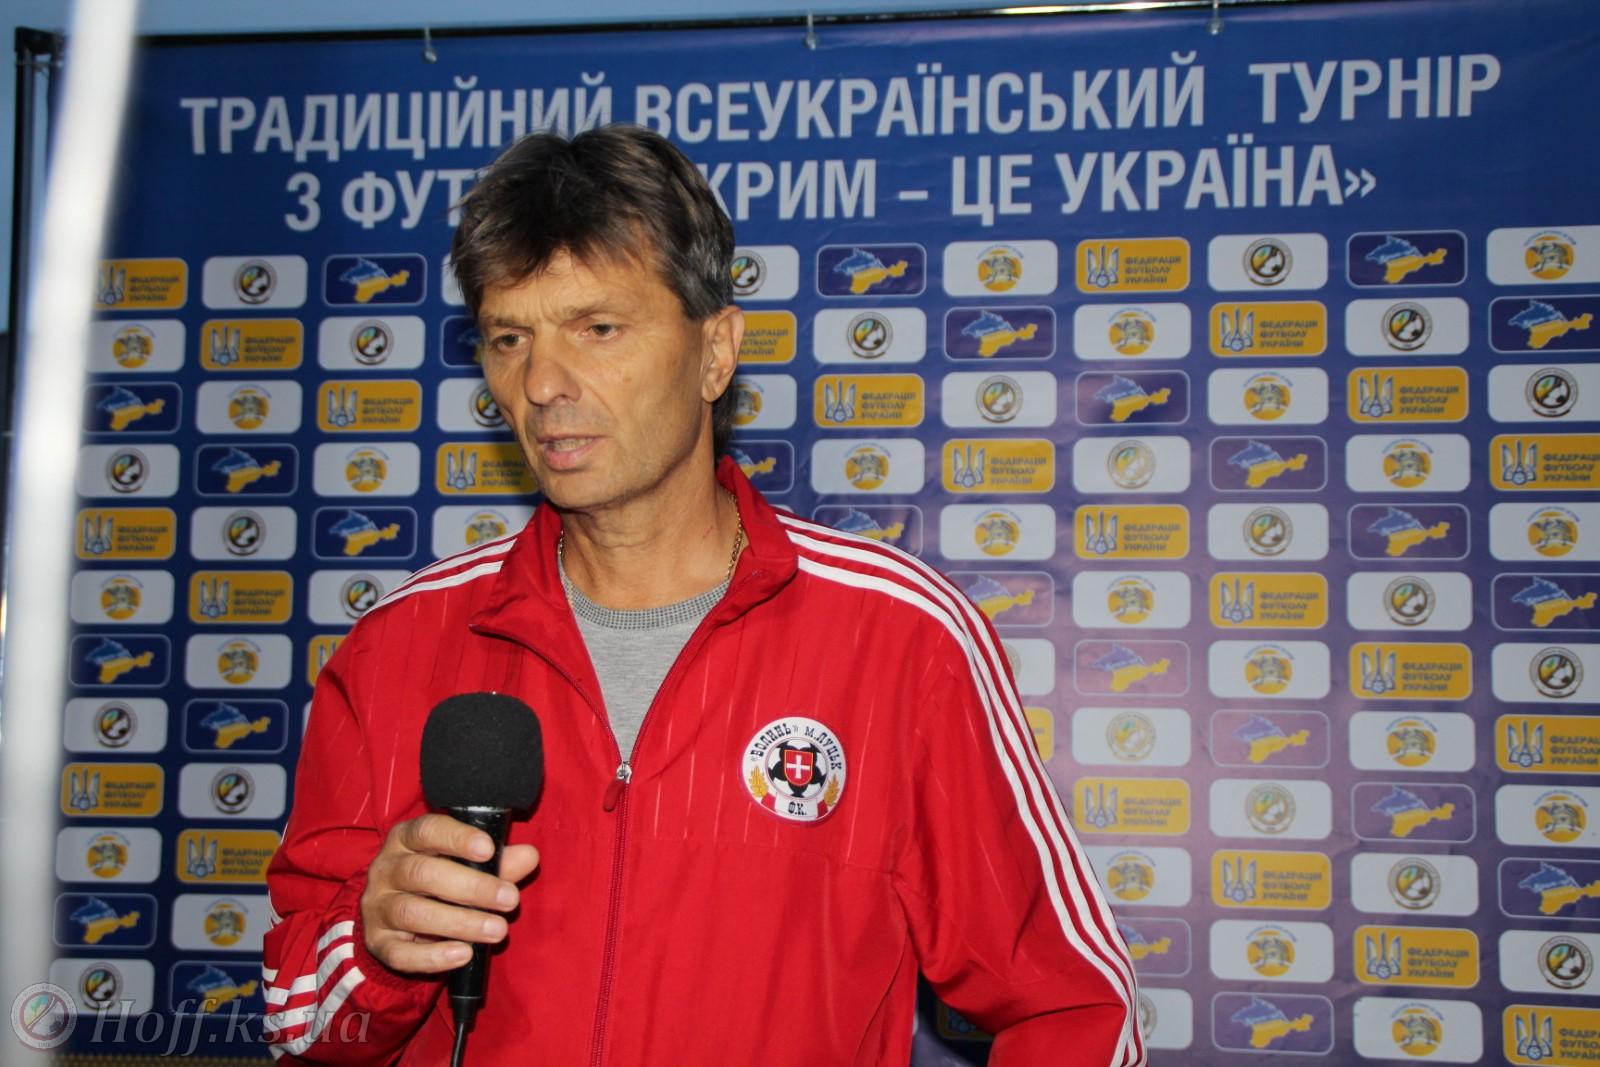 Руслан Ганя – тренер BRW BIK. Післяматчевий коментар